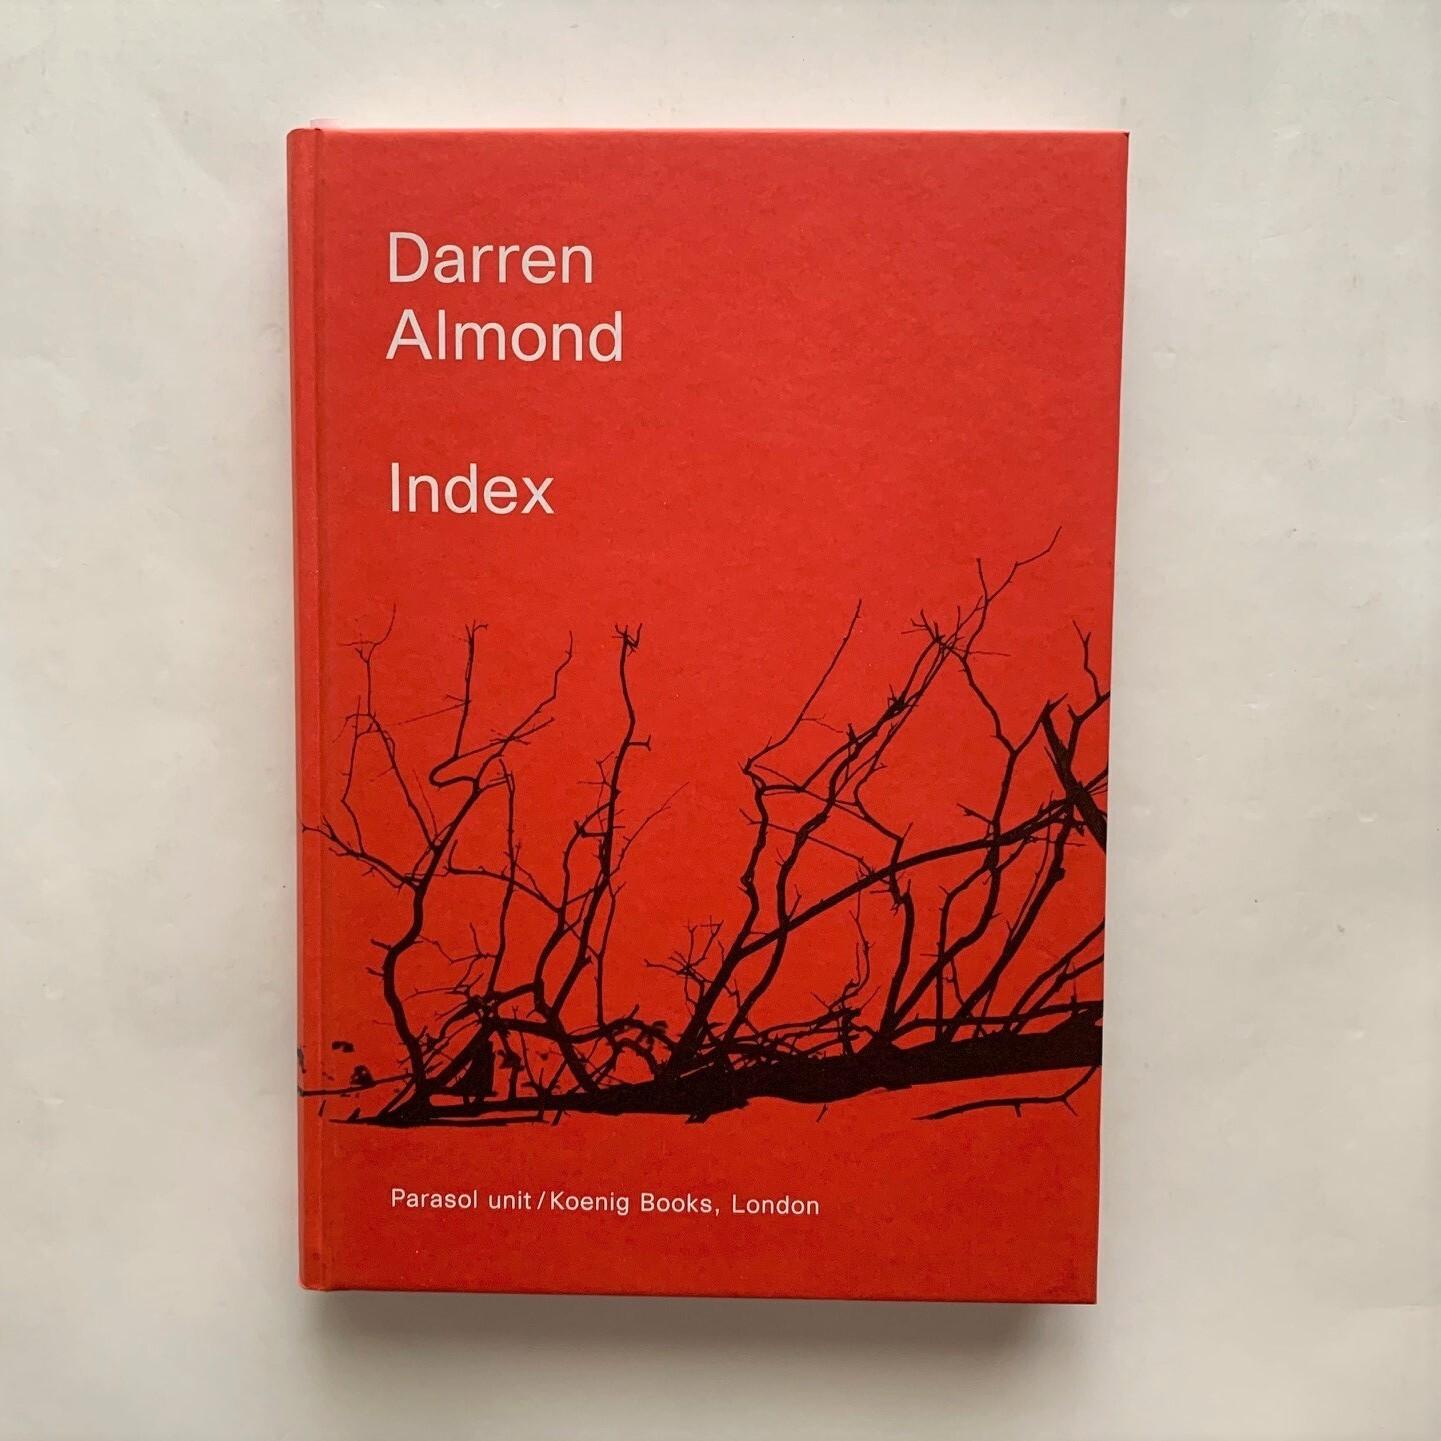 Darren Almond: Index / Darren Almond